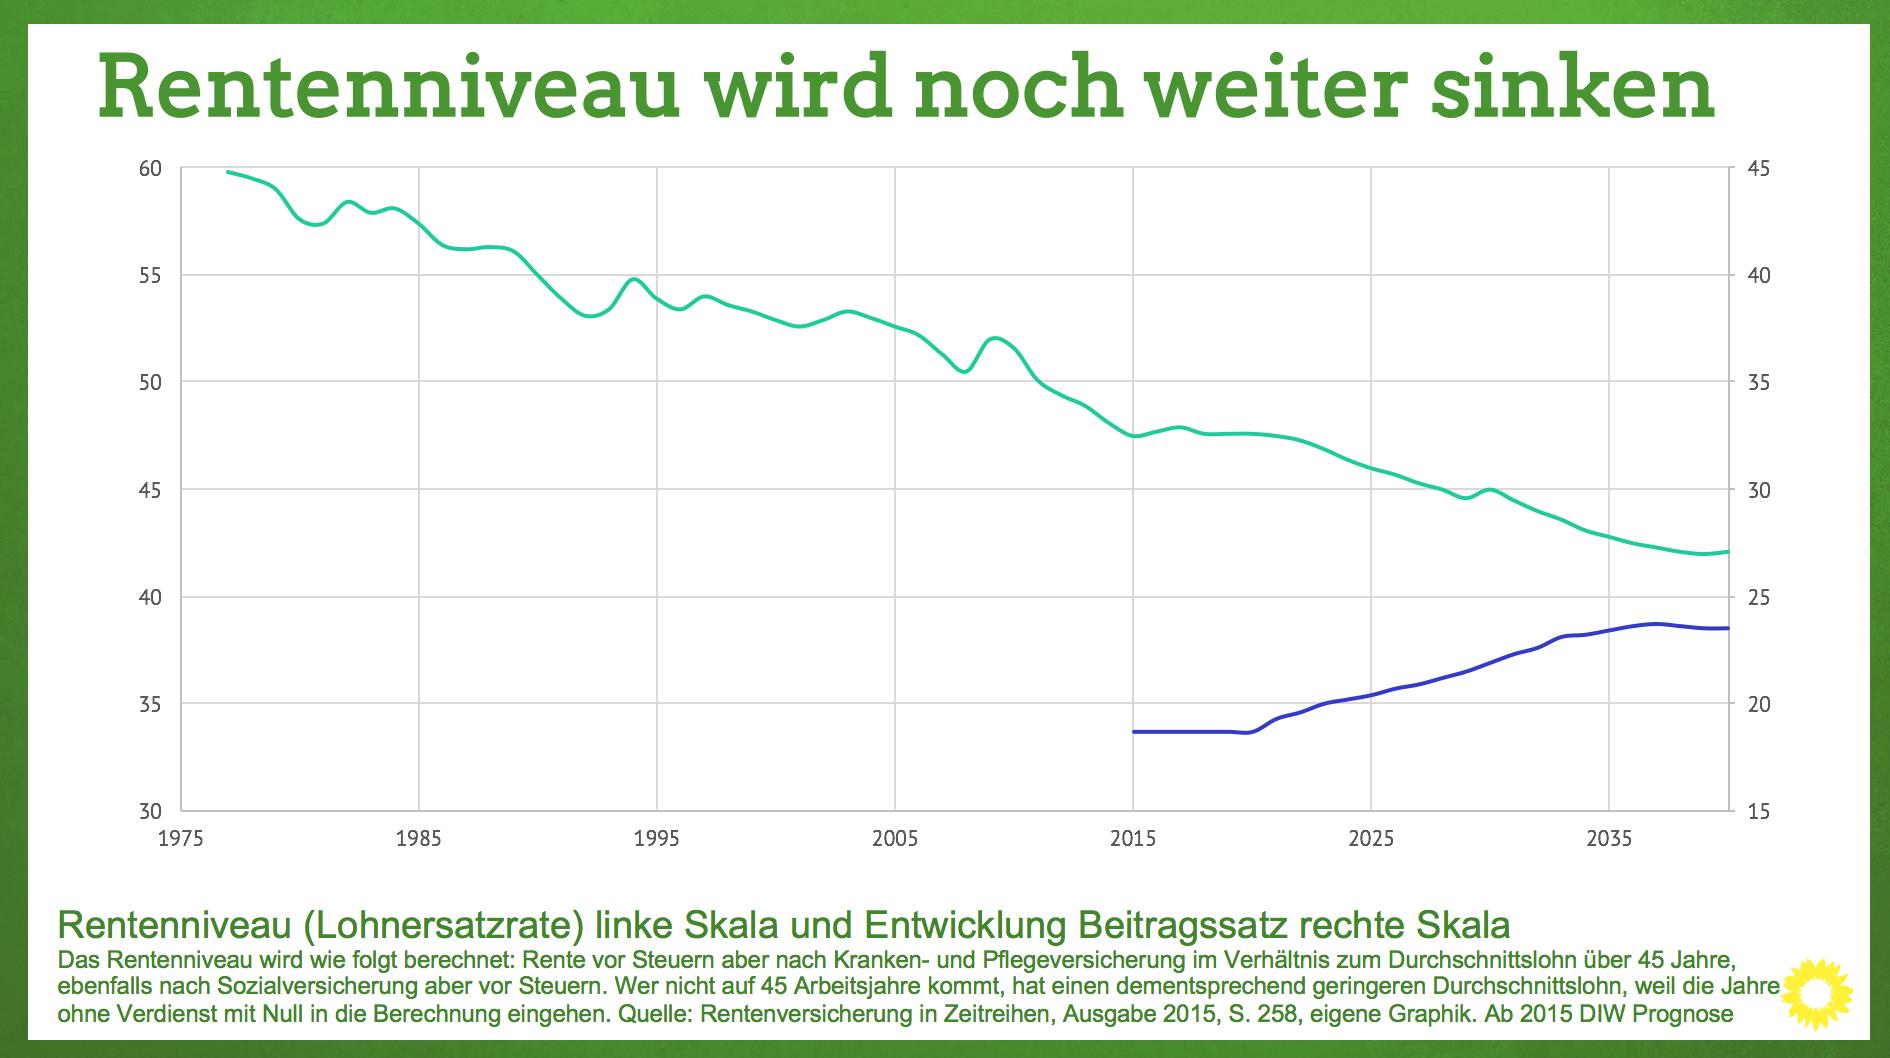 Infografik: Rentenniveau wird noch weiter sinken